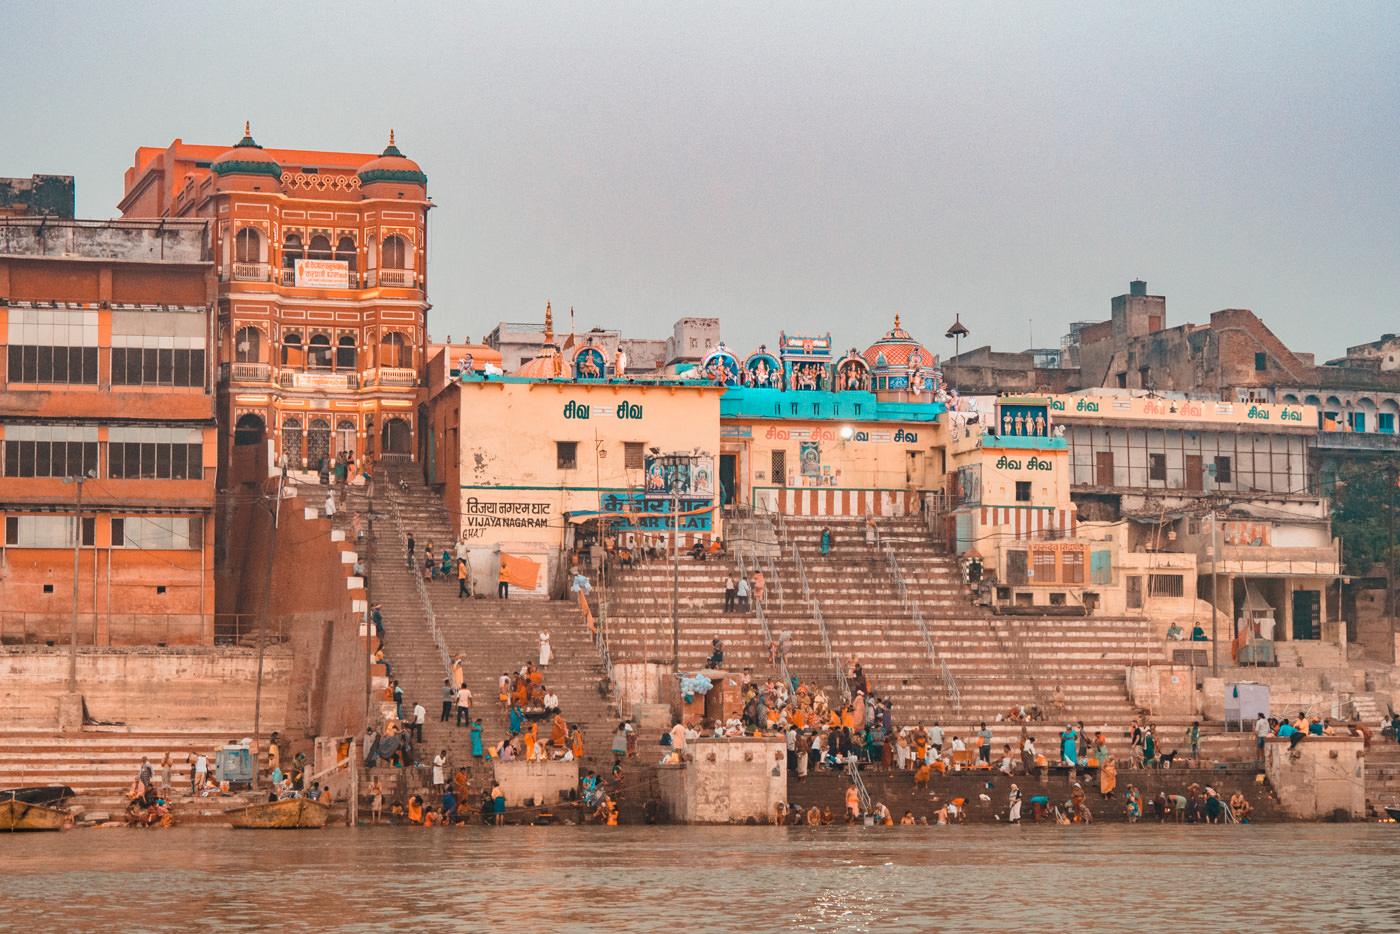 Blick auf die Ghats in Varanasi, Indien